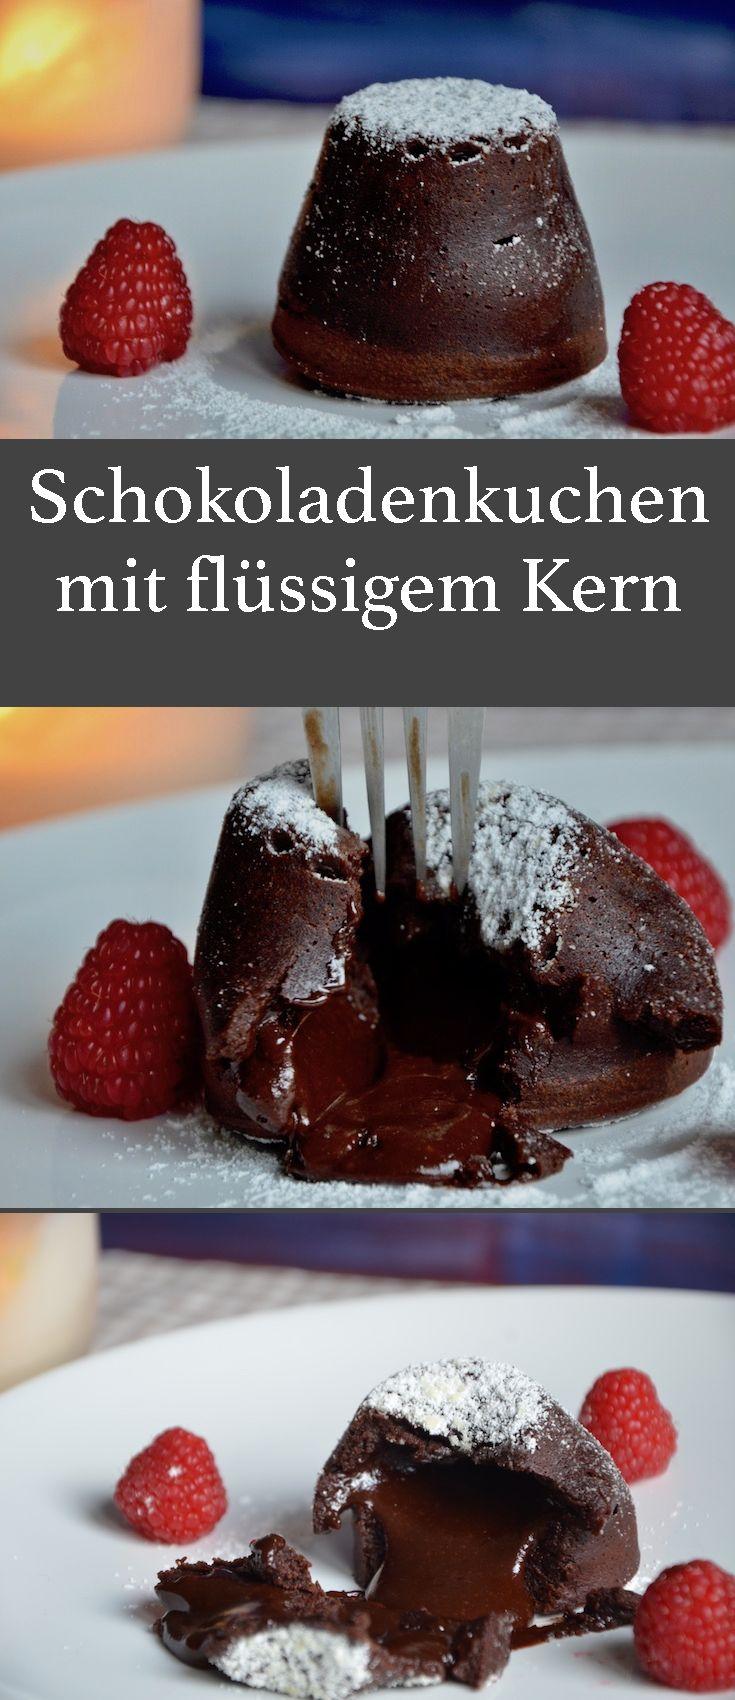 Das perfekte Weihnachtsdessert! Dieser Schokoladenkuchen oder Lava Cake ist extrem lecker und das beste ist, es geht auch noch einfach!